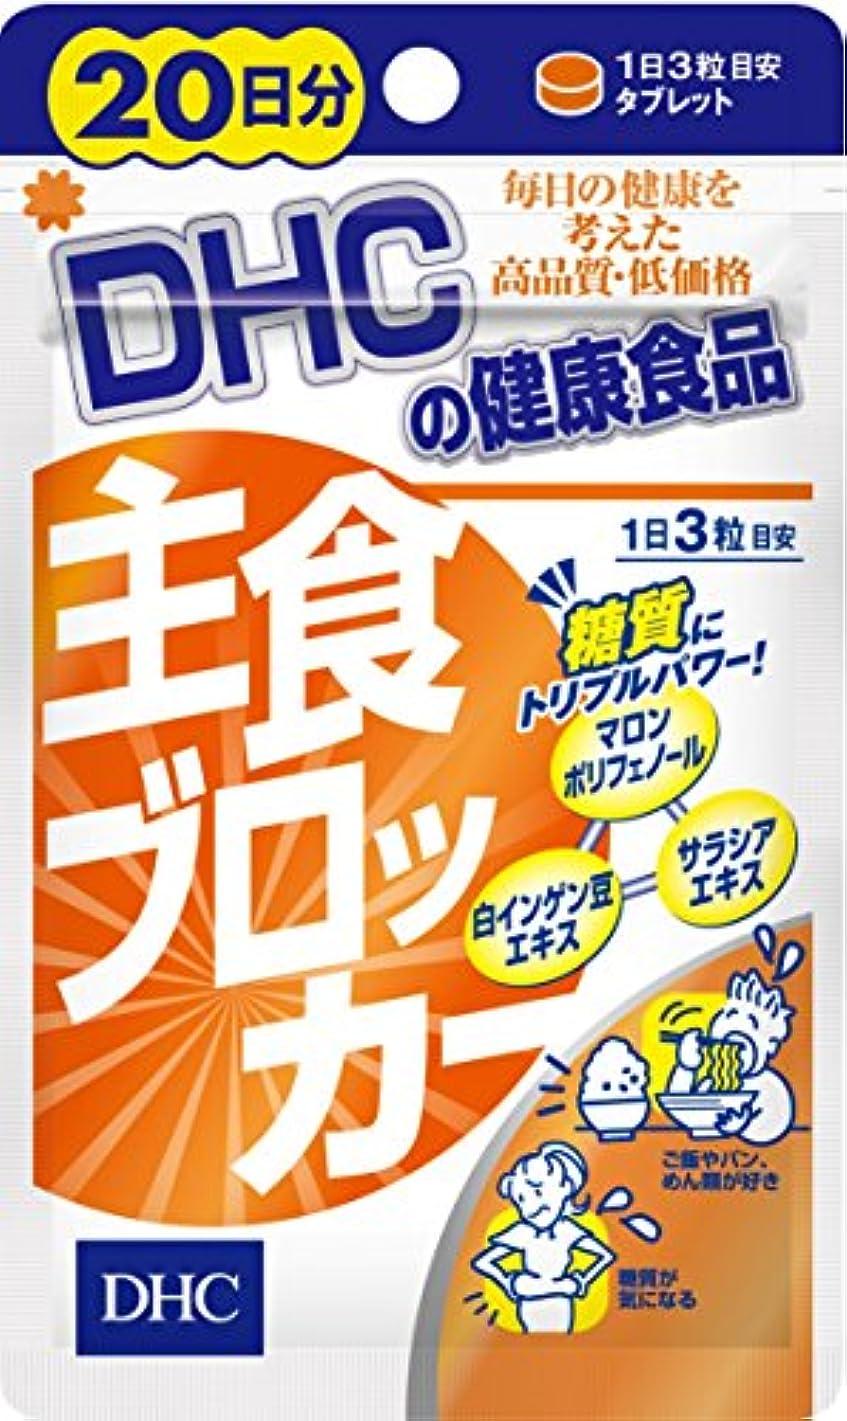 つかむ期限切れ見物人DHC 主食ブロッカー 20日分 60粒